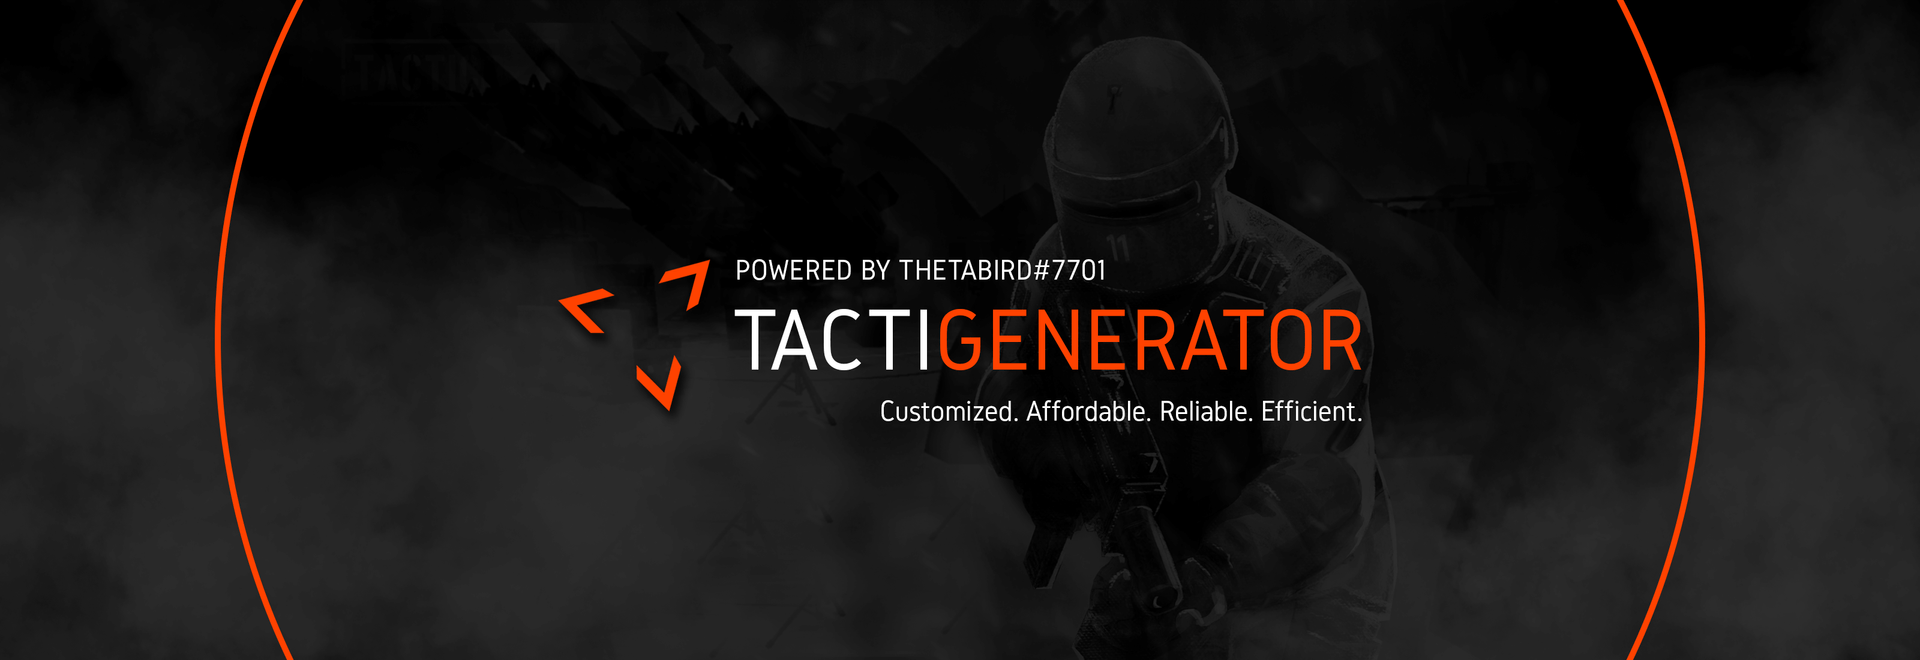 TactiGenerator